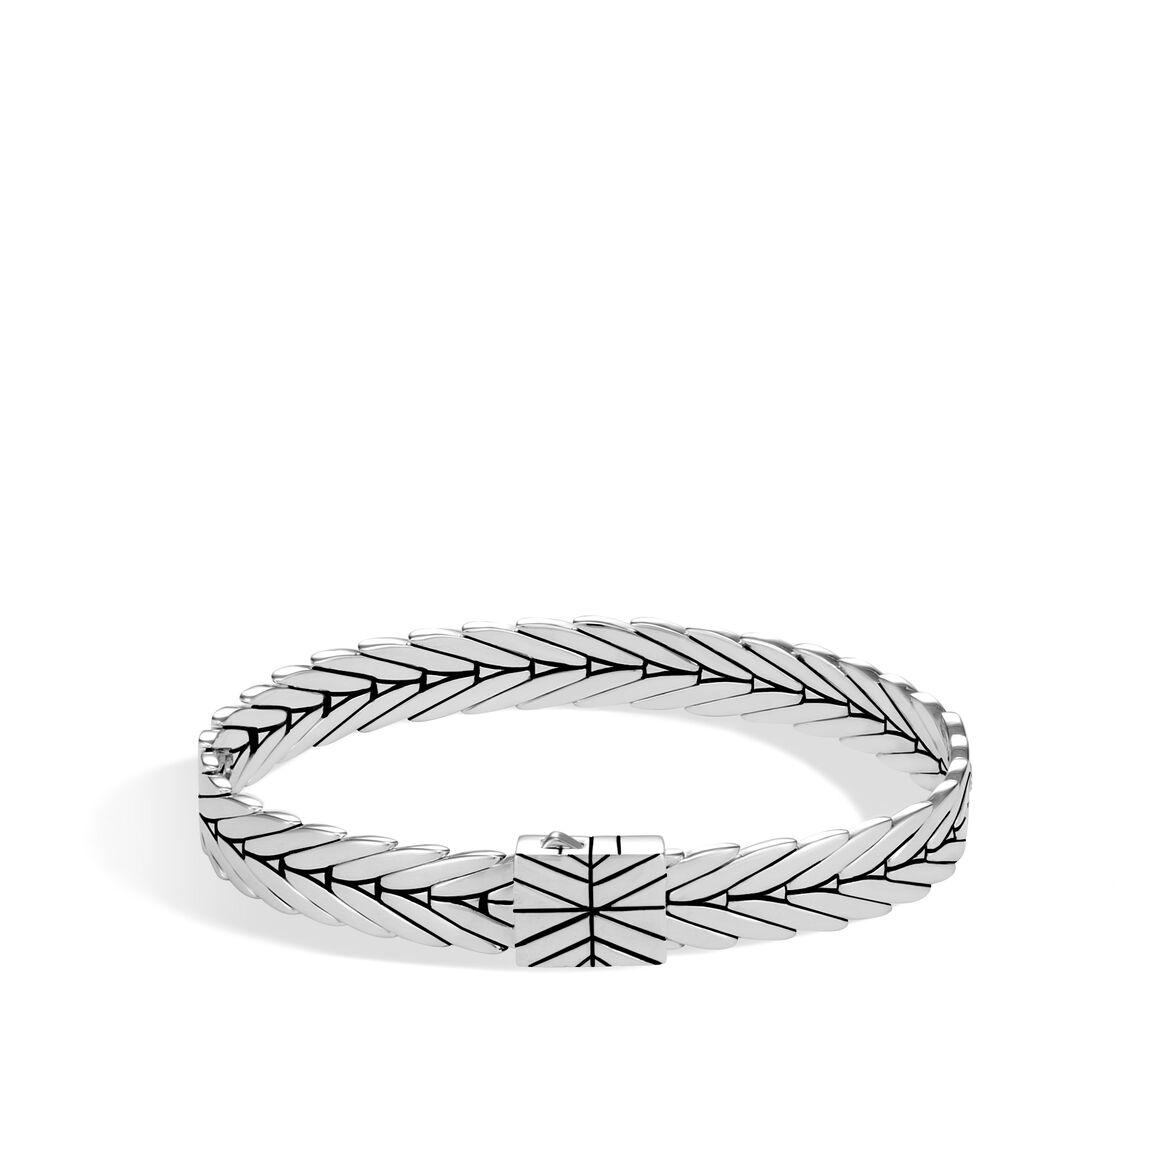 Modern Chain 8MM Bracelet in Silver